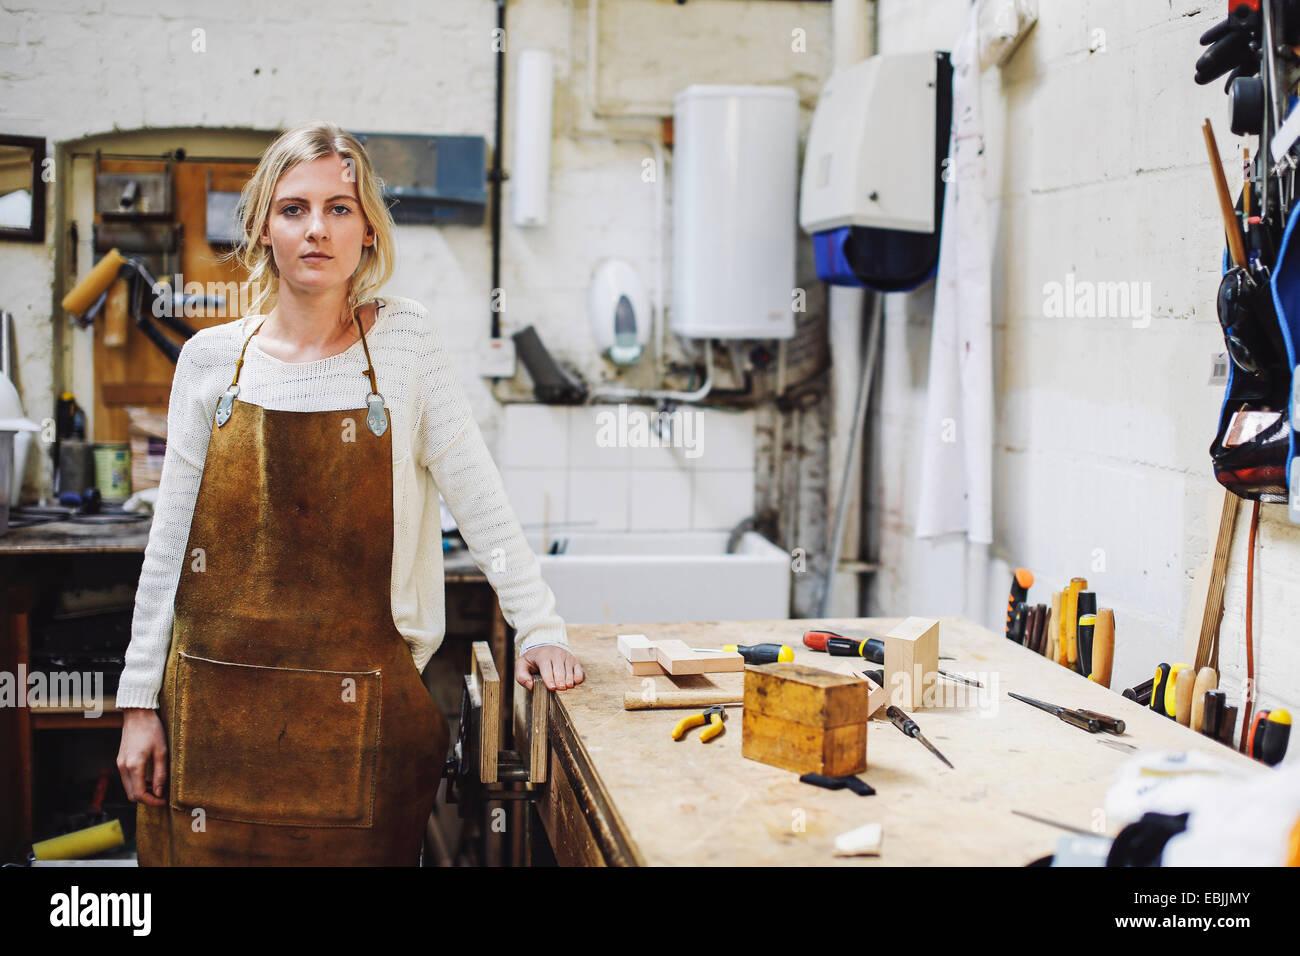 Ritratto di giovane craftswoman appoggiata sul banco di lavoro in officina di organo Immagini Stock